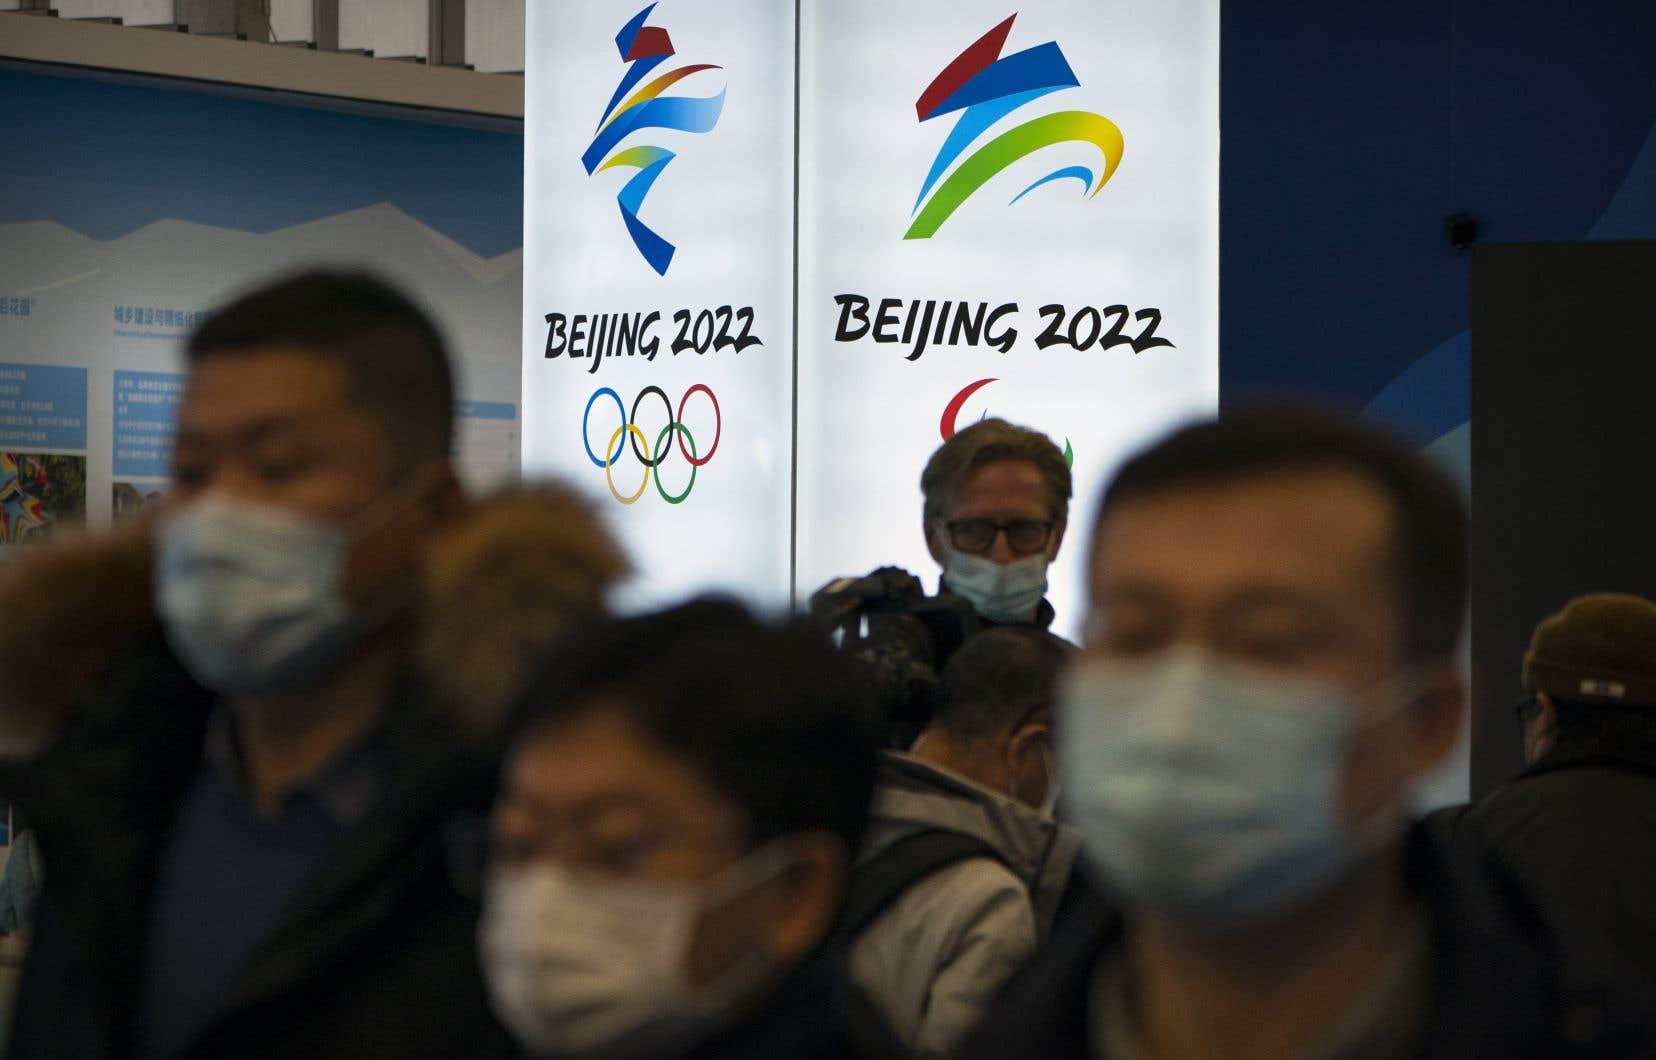 Les commanditaires veulent profiter de la vitrine olympique, mais ces Jeux risquent de nuire à leur image de marque en raison des violations des droits de la personne signalées contre les Ouïgours musulmans, les Tibétains et d'autres minorités en Chine.